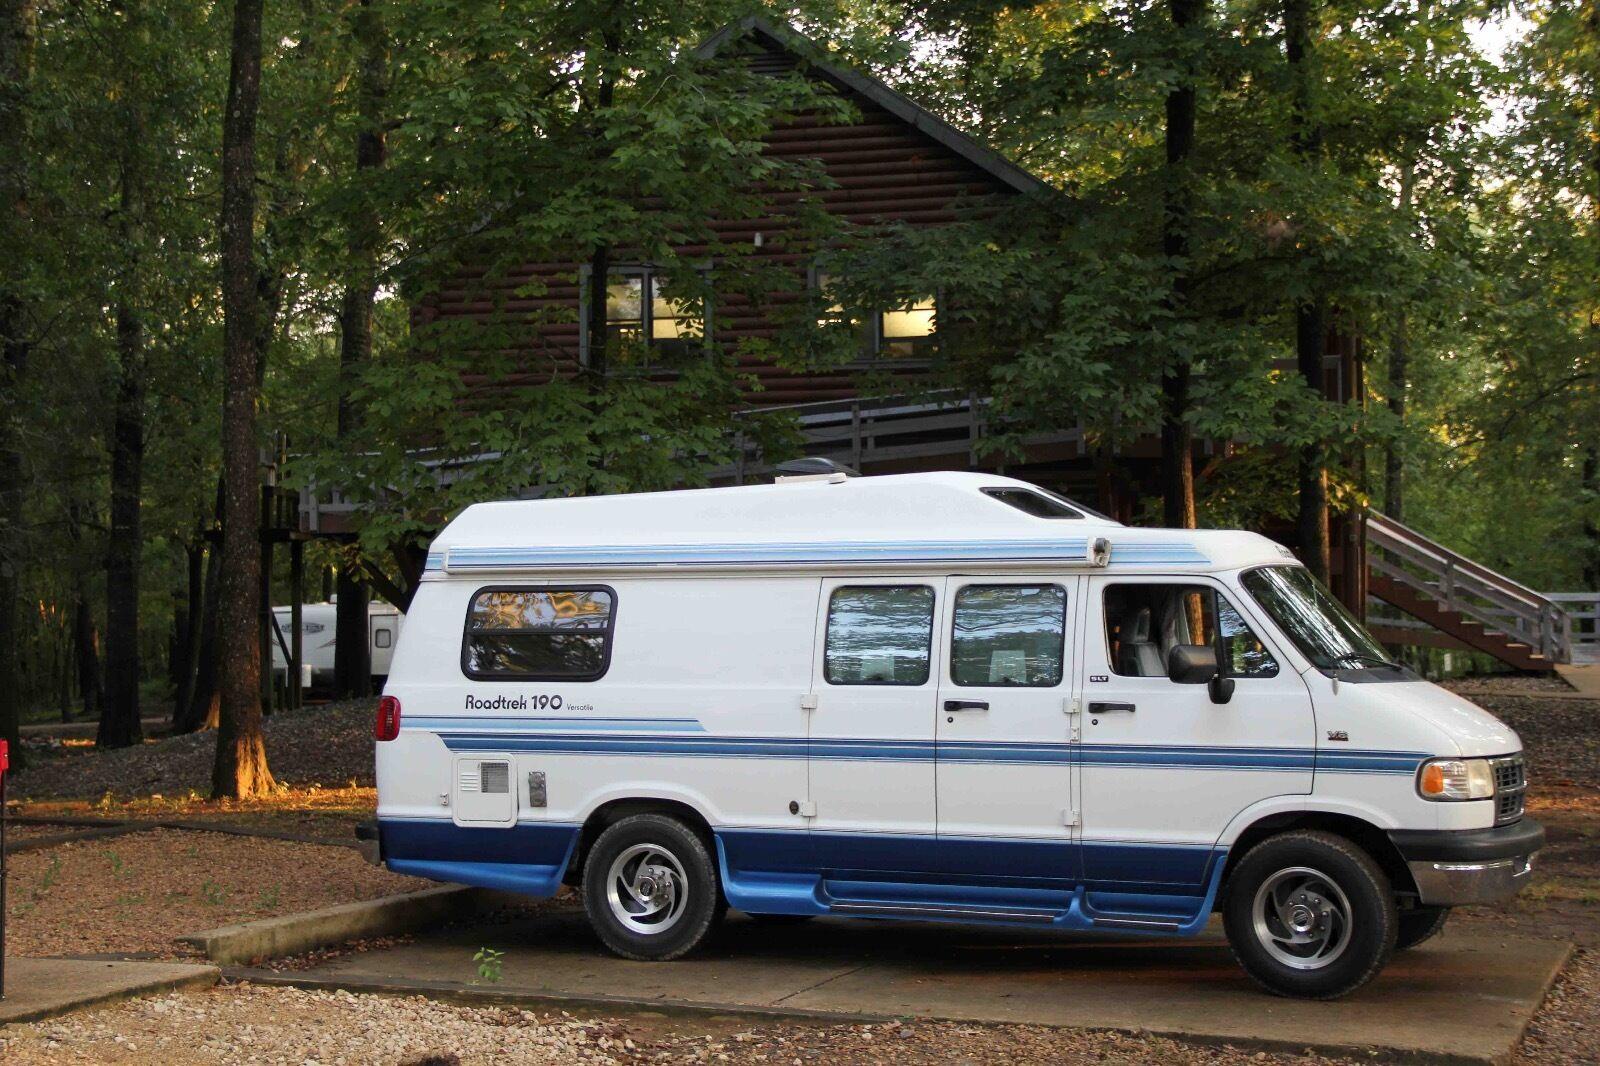 1995 Roadtrek 190 Versatile van camper (class B) – Buy Conversion Vans